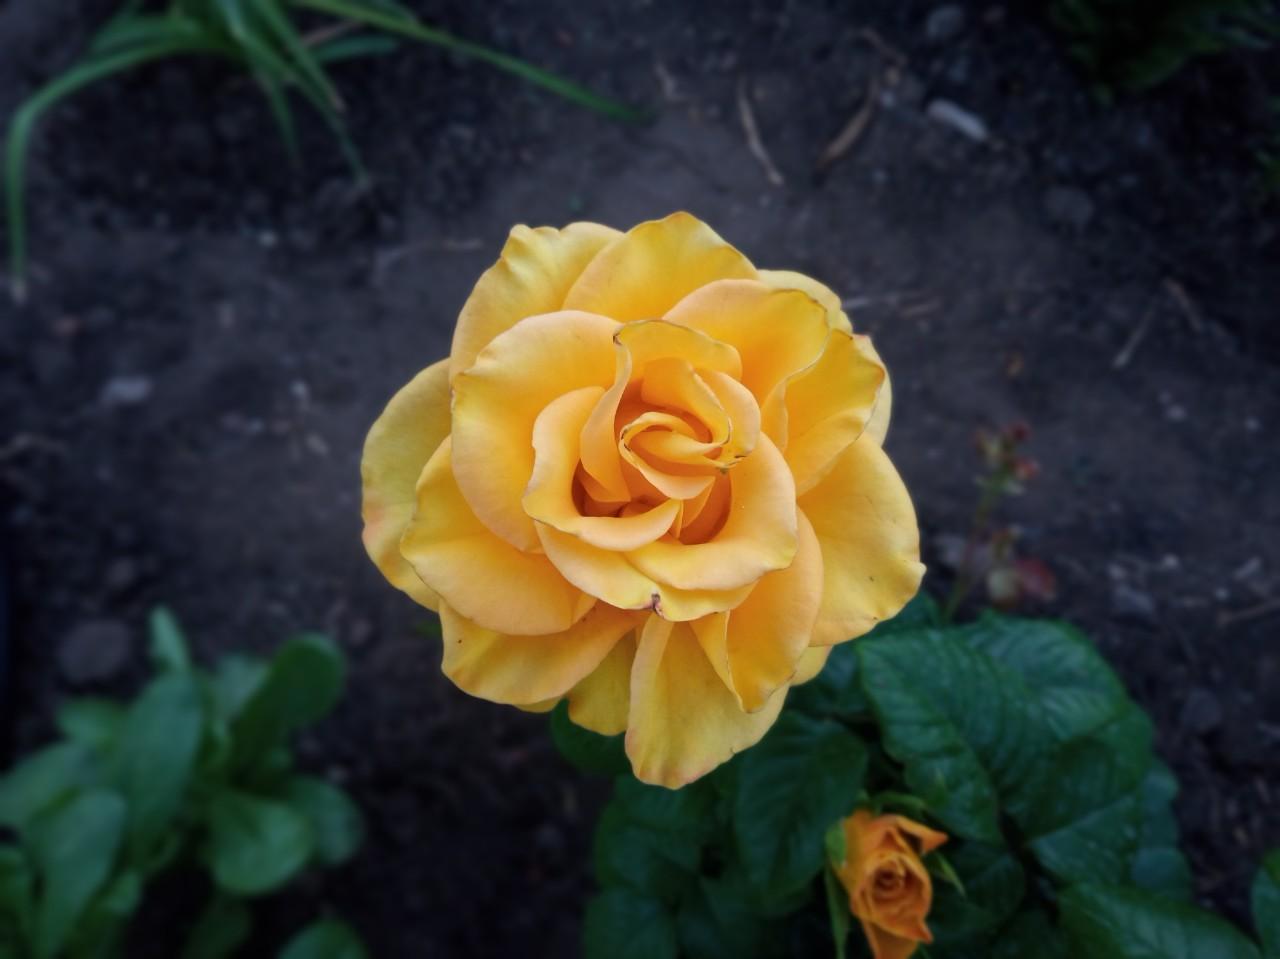 Желтая красавица.... Блиц: желтые цветы